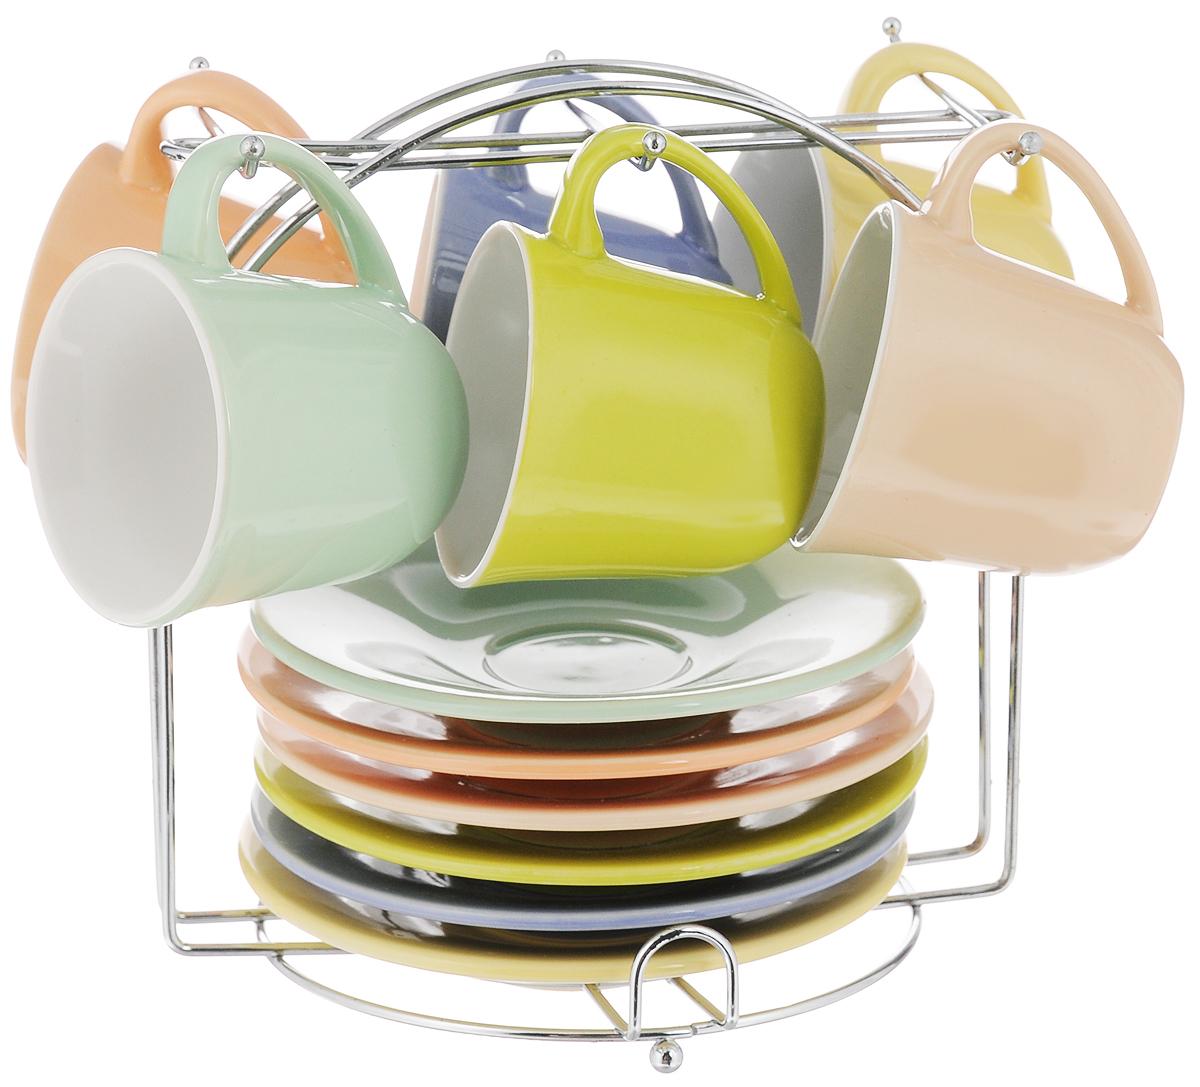 Набор кофейный Loraine, на подставке, 13 предметов. 2486524865Кофейный набор Loraine состоит из 6 чашек, 6 блюдец и подставки. Изделия выполнены из высококачественной керамики, имеют яркий дизайн и размещены на металлической подставке. Такой набор прекрасно подойдет как для повседневного использования, так и для праздников. Можно мыть в посудомоечной машине, использовать в микроволновой печи. Диаметр чашки (по верхнему краю): 6 см. Высота чашки: 5,5 см. Диаметр блюдца: 12 см. Высота блюдца: 2 см. Объем чашки: 80 мл. Размер подставки: 15,5 х 13,5 х 16 см.